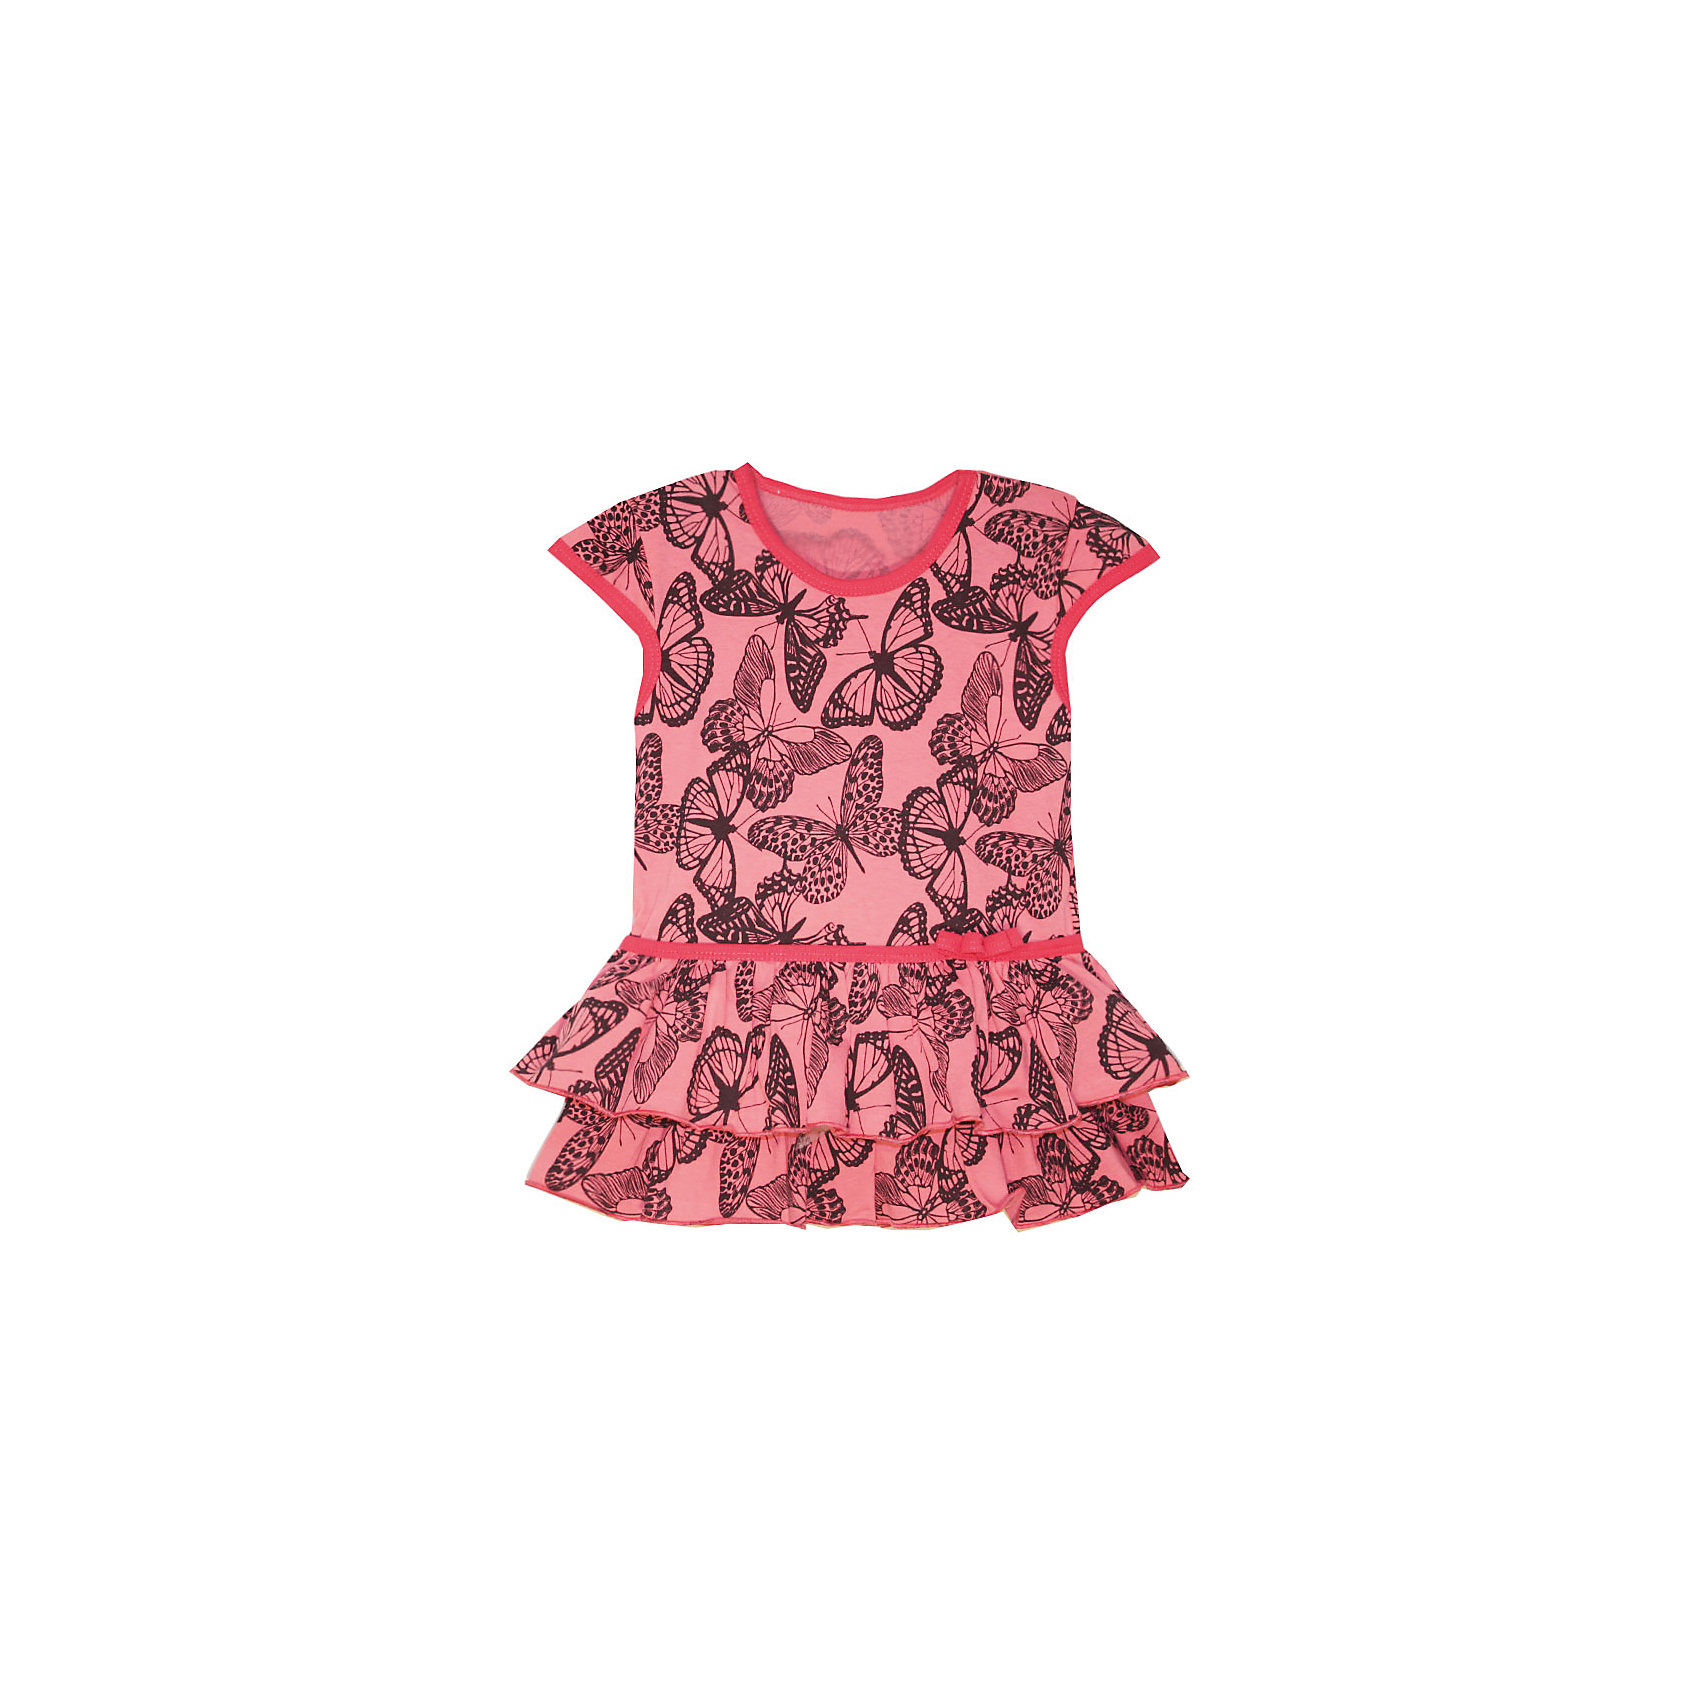 Платье для девочки KotMarKotПлатья и сарафаны<br>Платье для девочки KotMarKot<br>Состав:<br>100% хлопок<br><br>Ширина мм: 236<br>Глубина мм: 16<br>Высота мм: 184<br>Вес г: 177<br>Цвет: розовый<br>Возраст от месяцев: 18<br>Возраст до месяцев: 24<br>Пол: Женский<br>Возраст: Детский<br>Размер: 92,98,104,110,116,122<br>SKU: 6755161